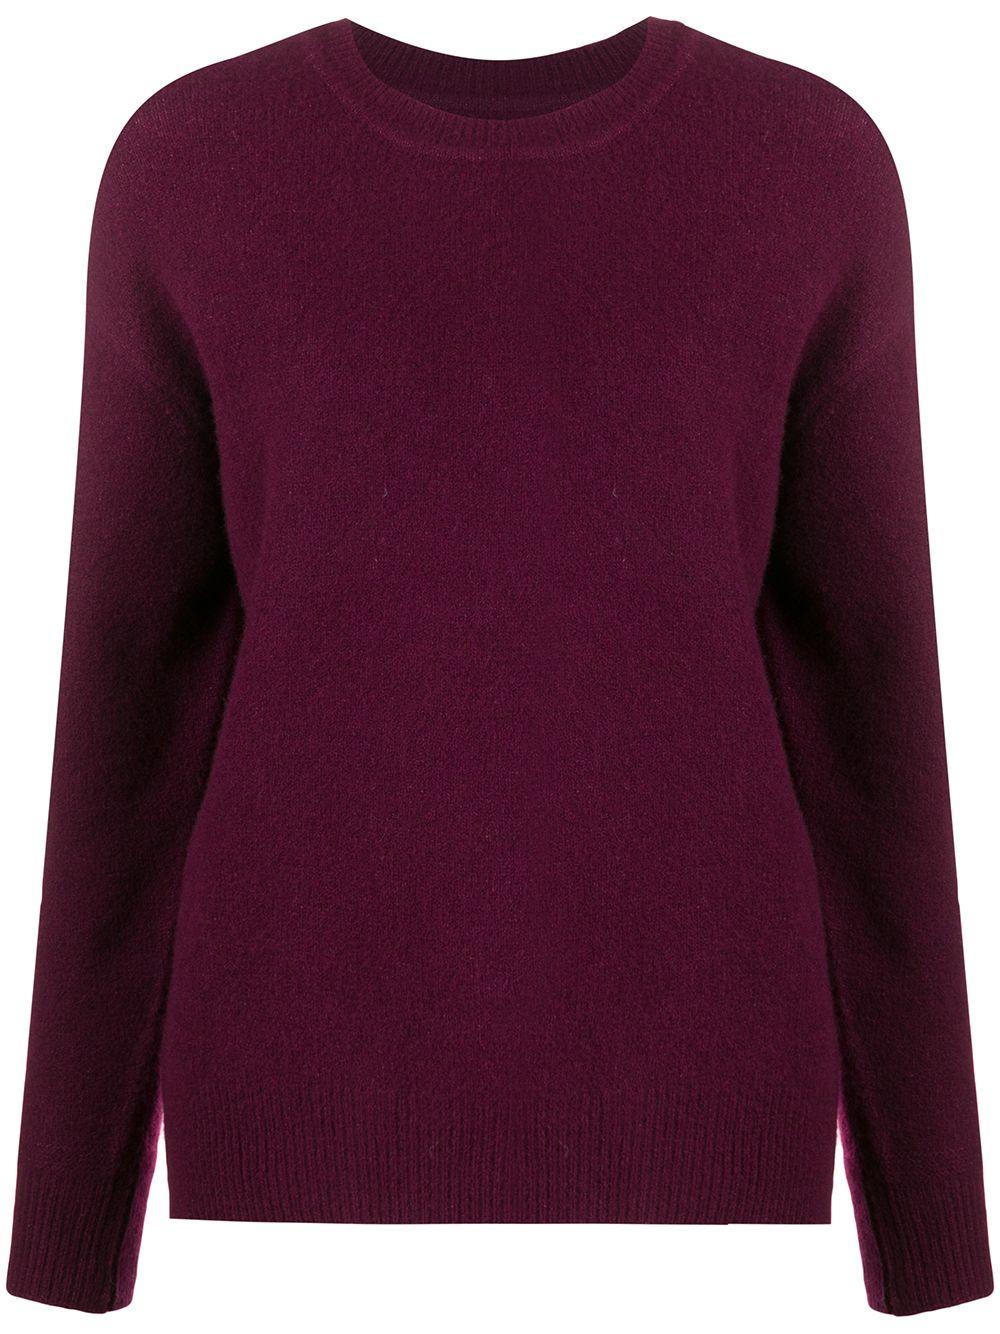 Dalila Wool Sweater